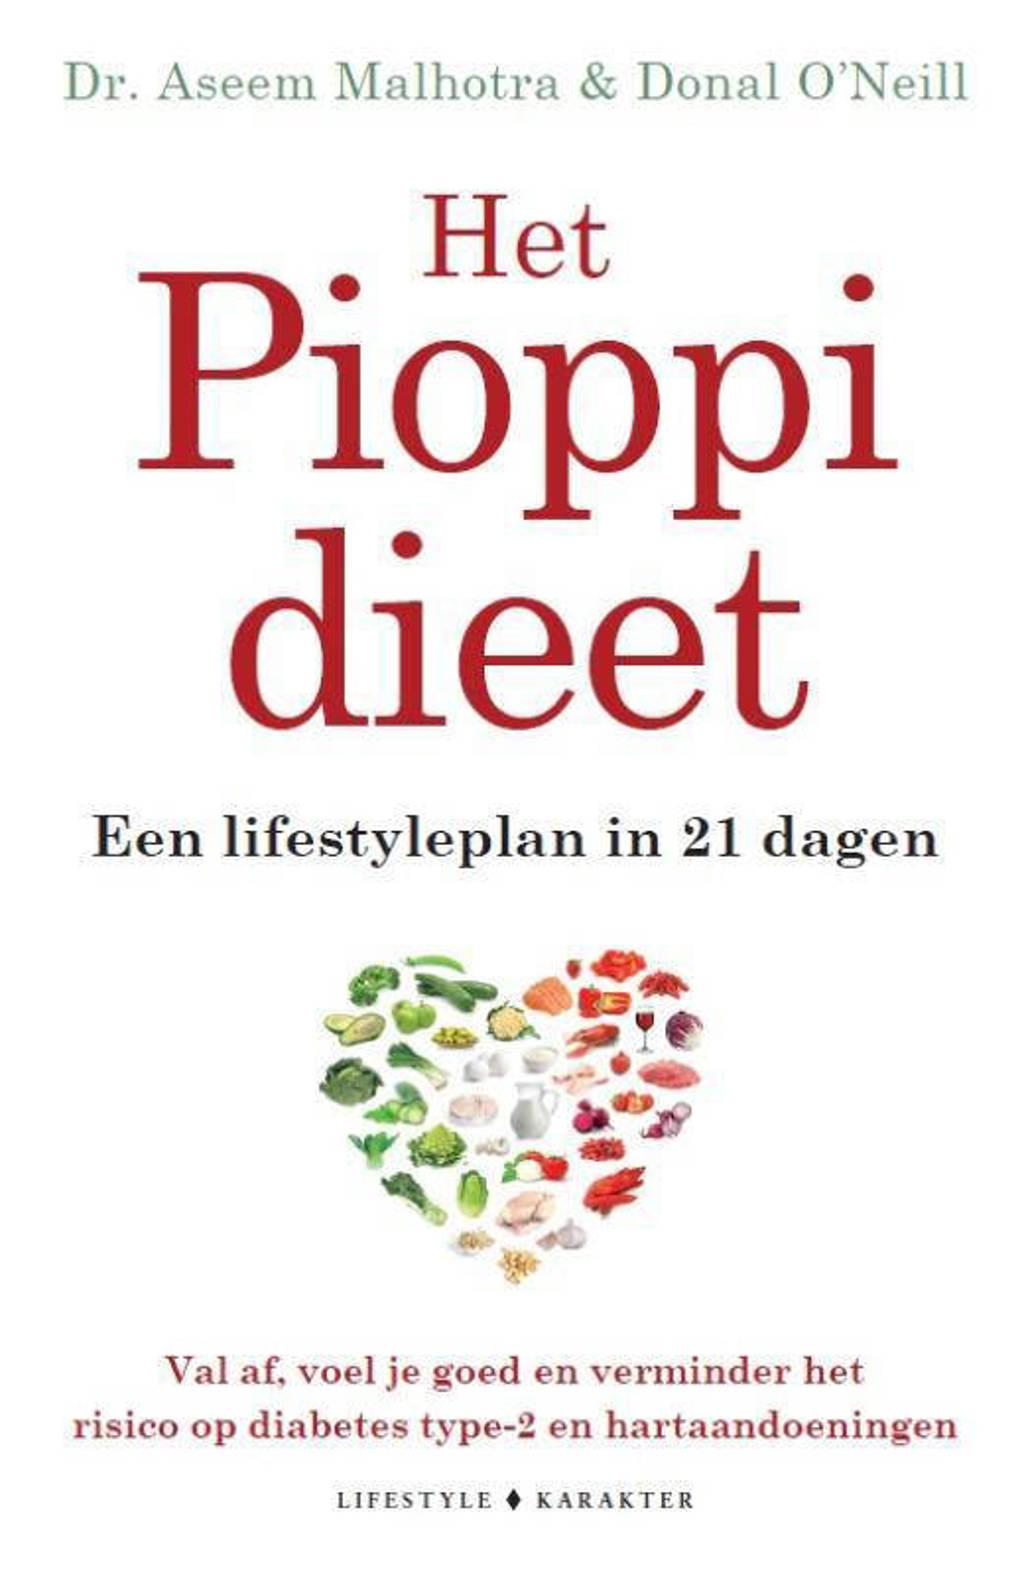 Het Pioppi dieet - Aseem Malhotra en Donal O'Neill